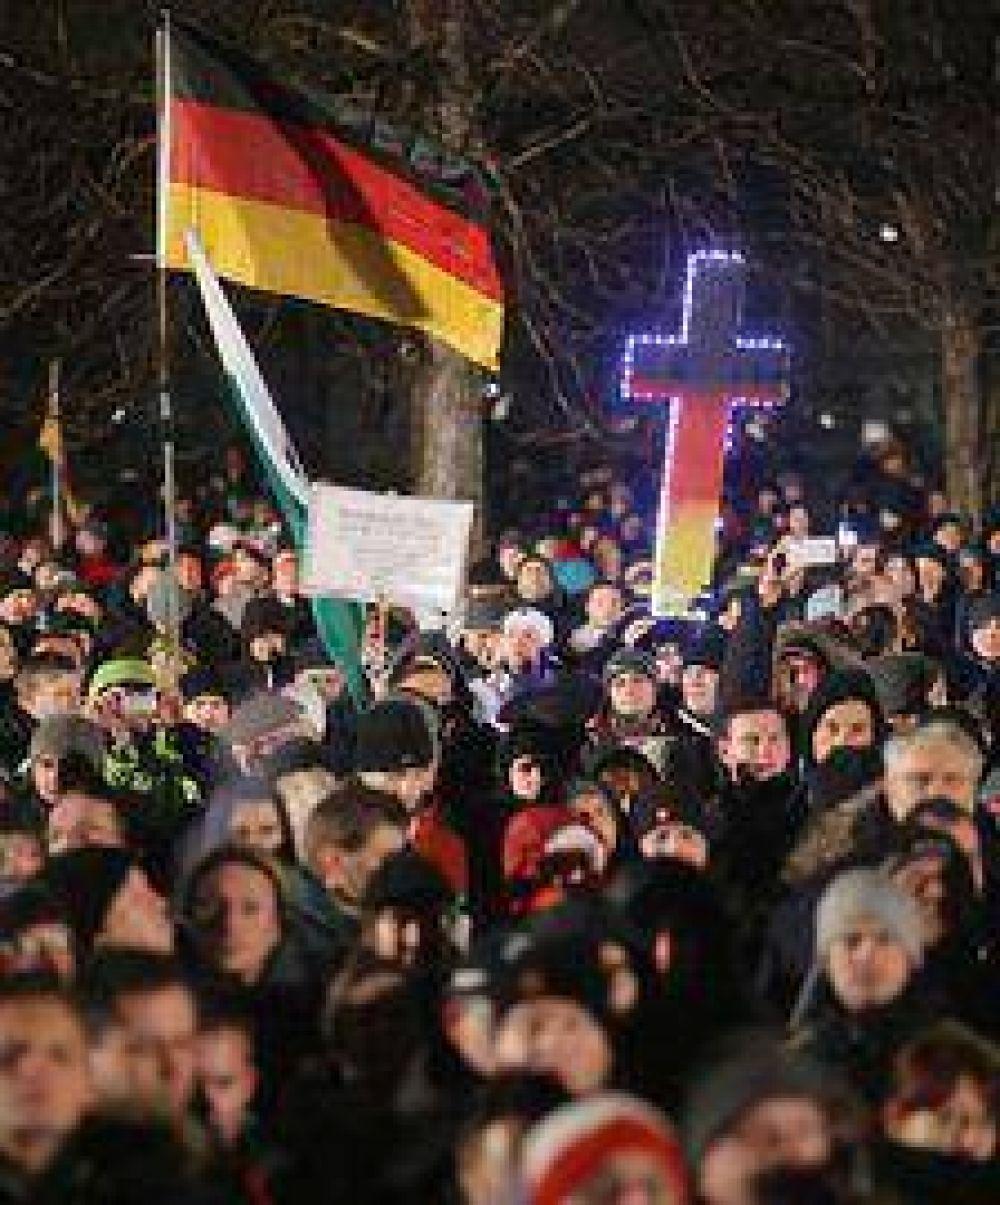 Los islamófobos desafían a Merkel y vuelven a marchar en Dresde